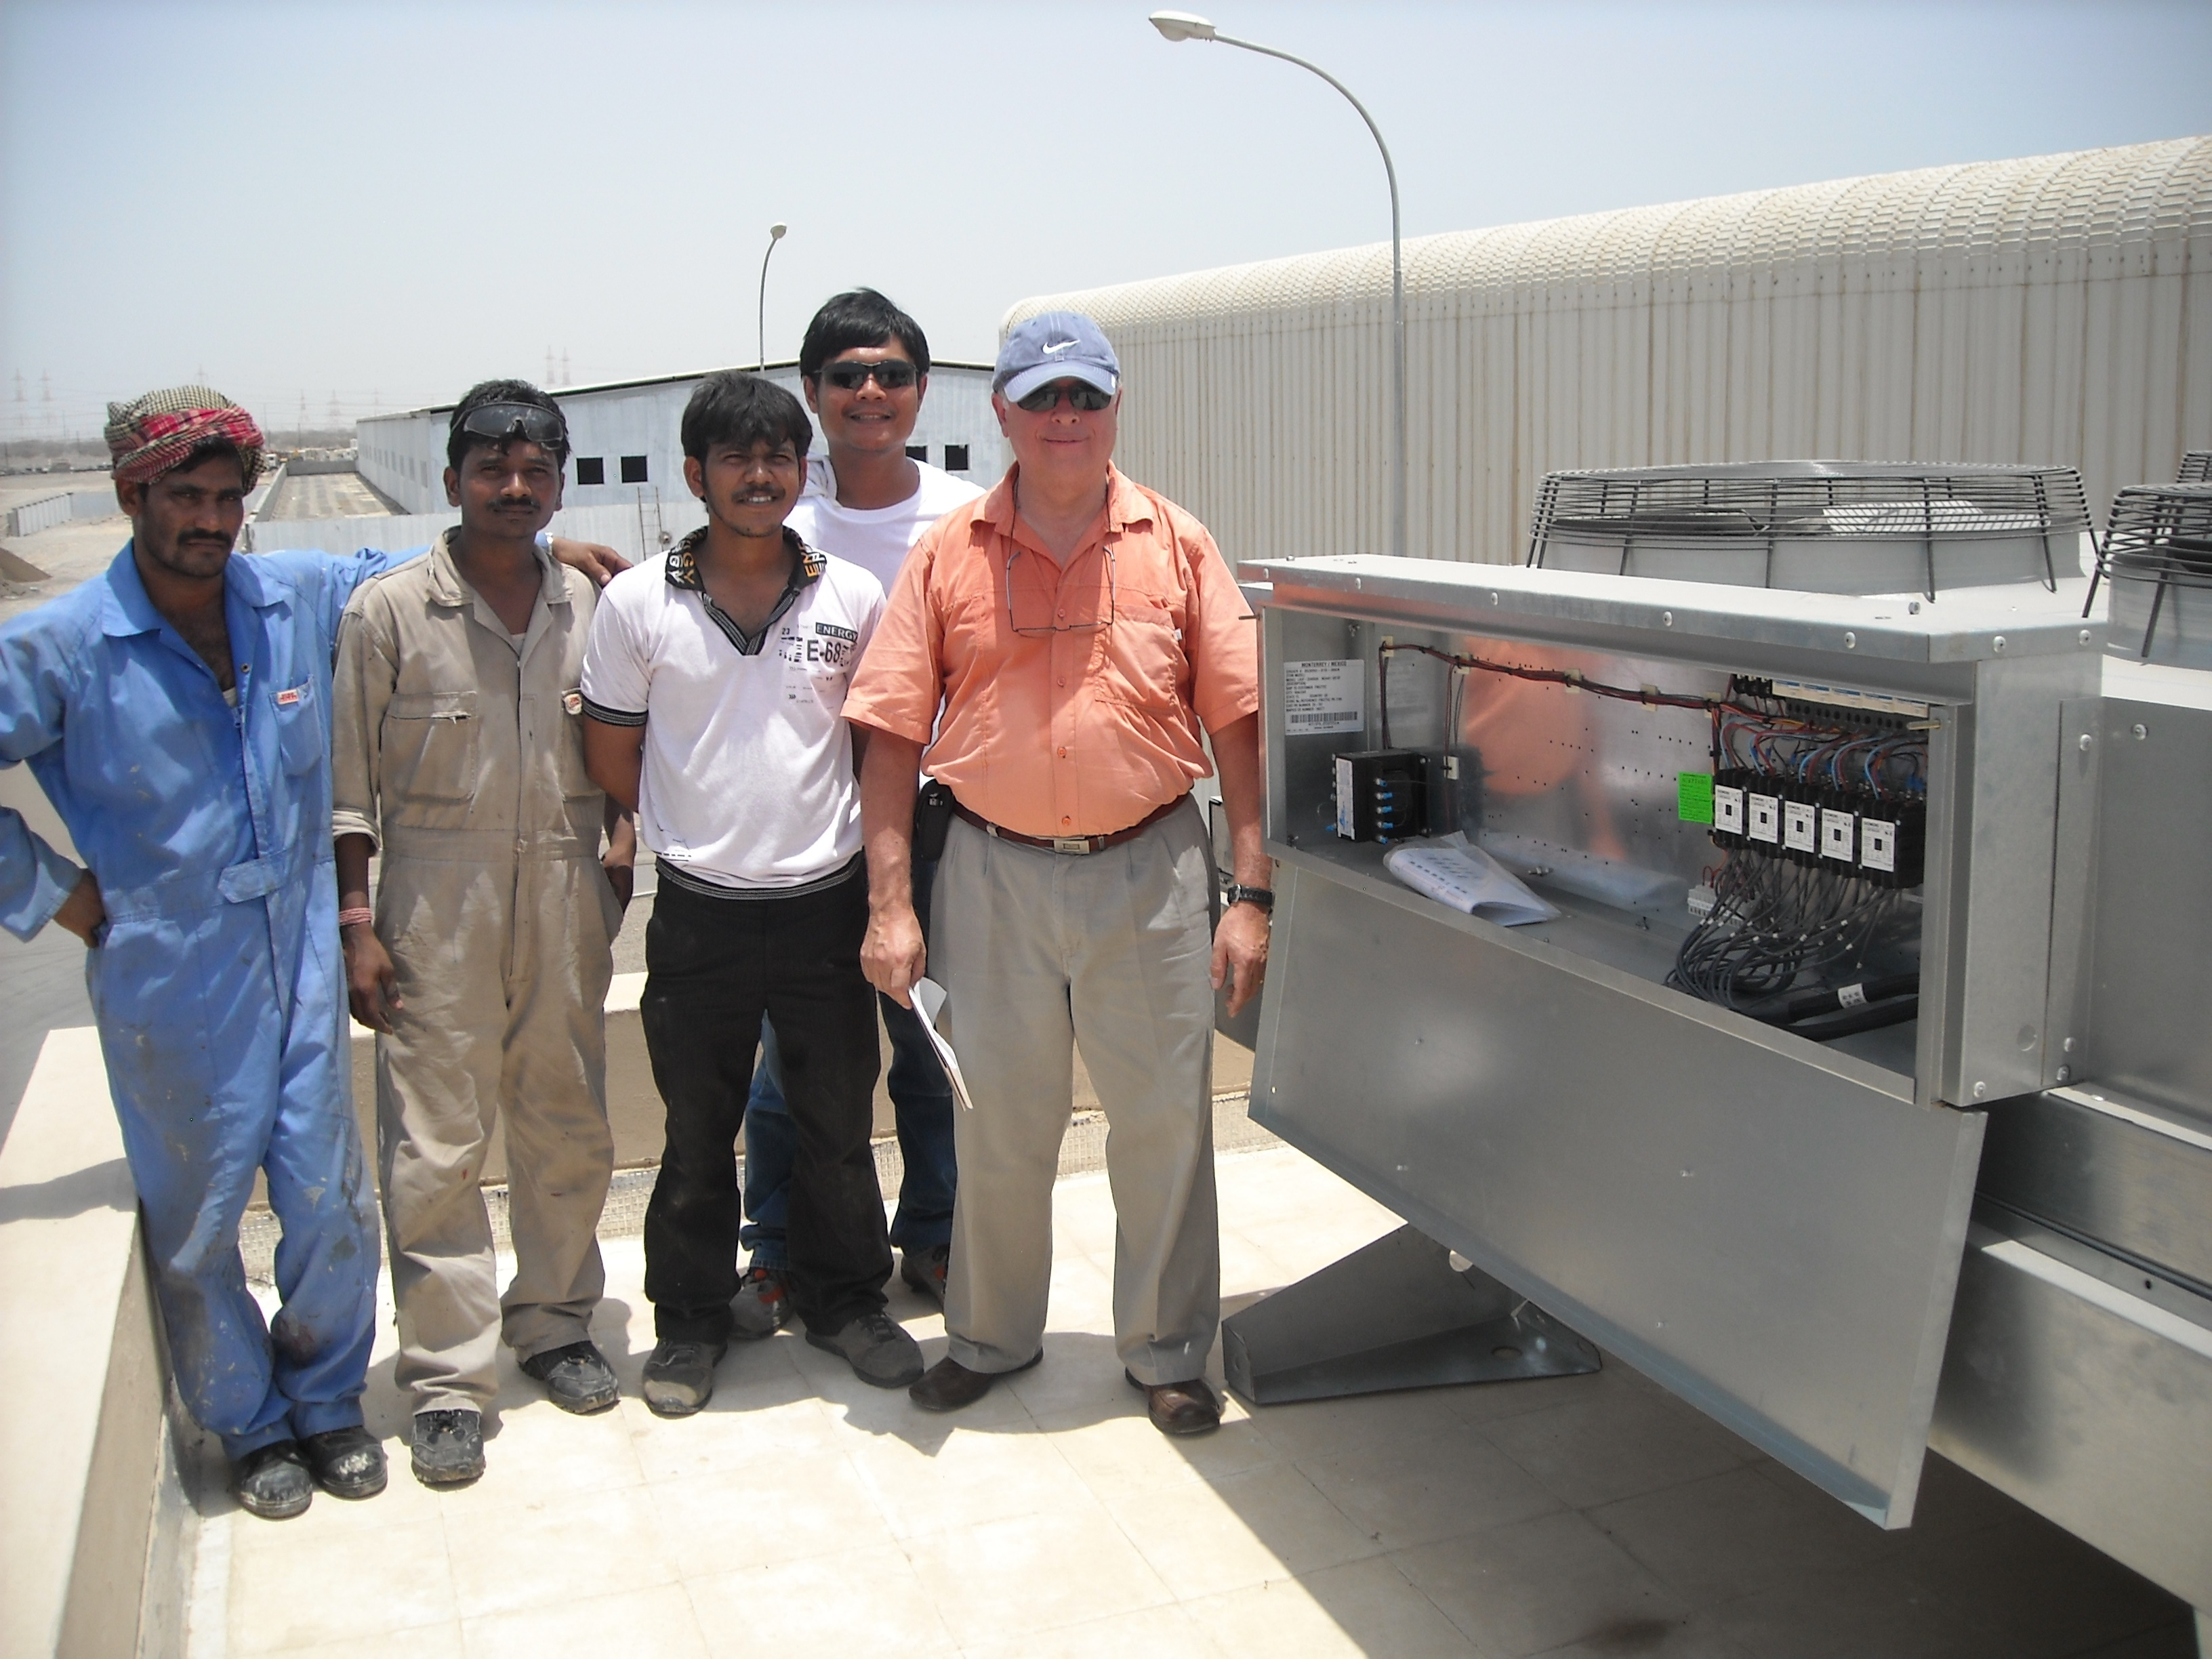 nuestro equipo en Oman. Refrigeración de panadería procesada